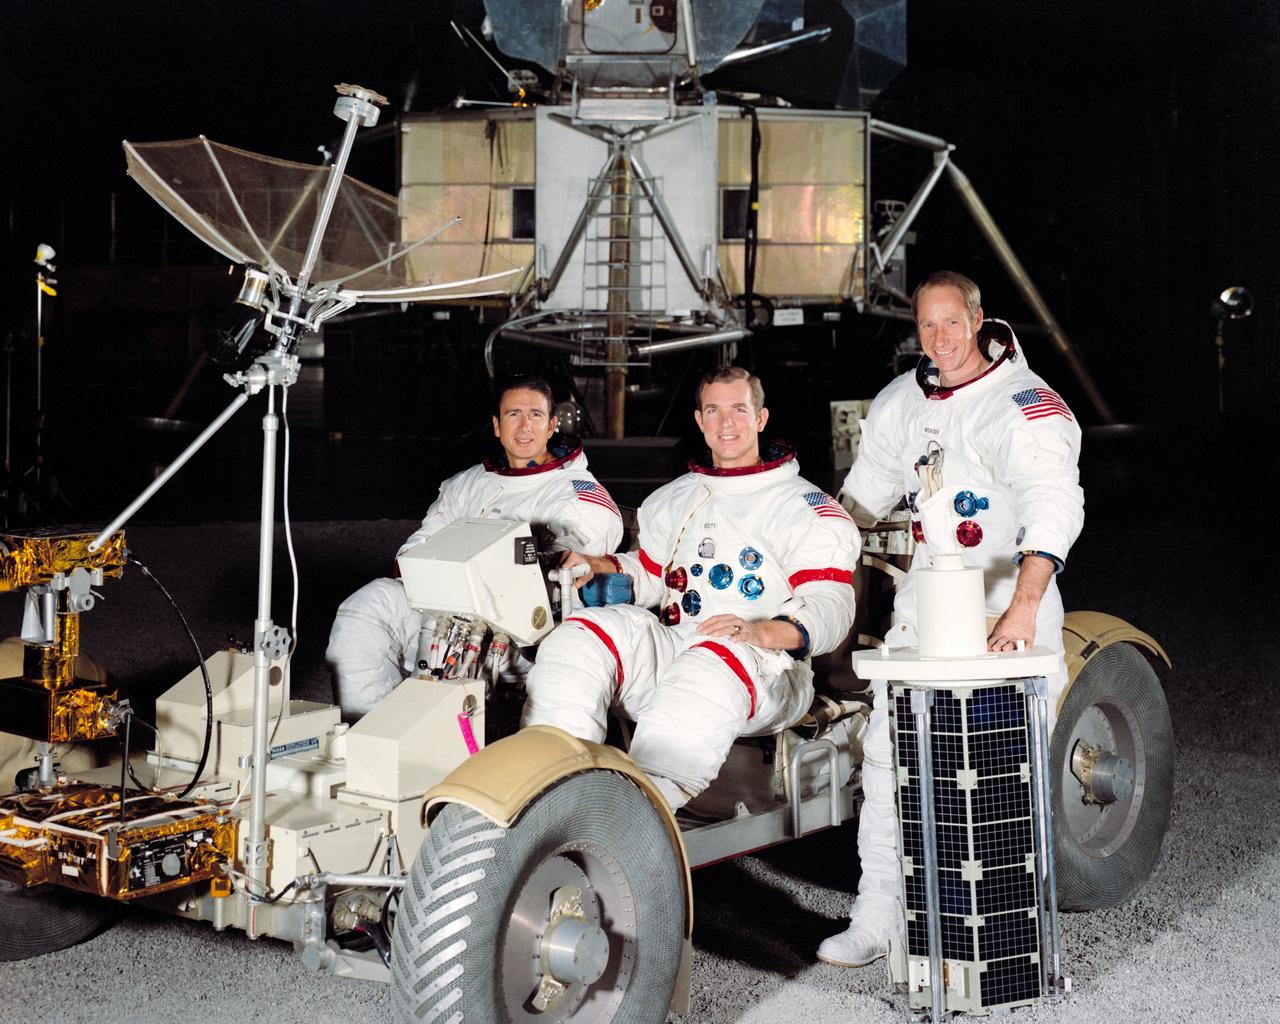 1971. március: hivatalos beállított NASA-csoportkép az Apollo-15 legénységéről és az első holdautóról. Balról jobbra: James B. Irwin, holdkomppilóta, David R. Scott, parancsnok és Alfred M. Worden, parancsnokimodul-pilóta.